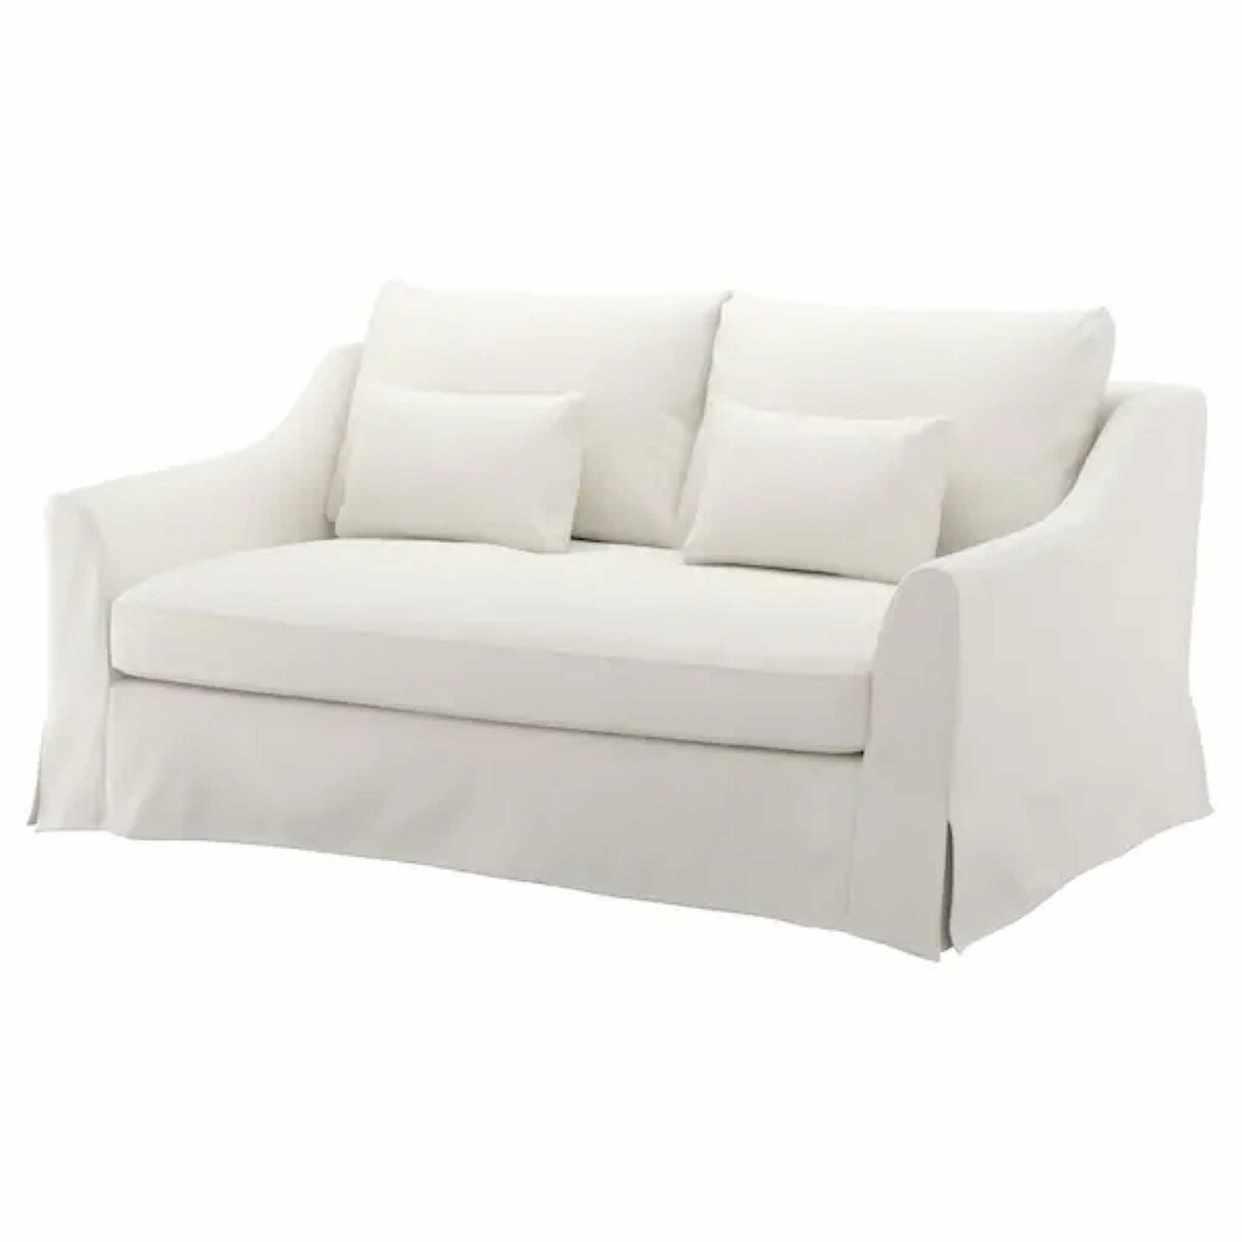 image of IKEA White soffa - Nacka